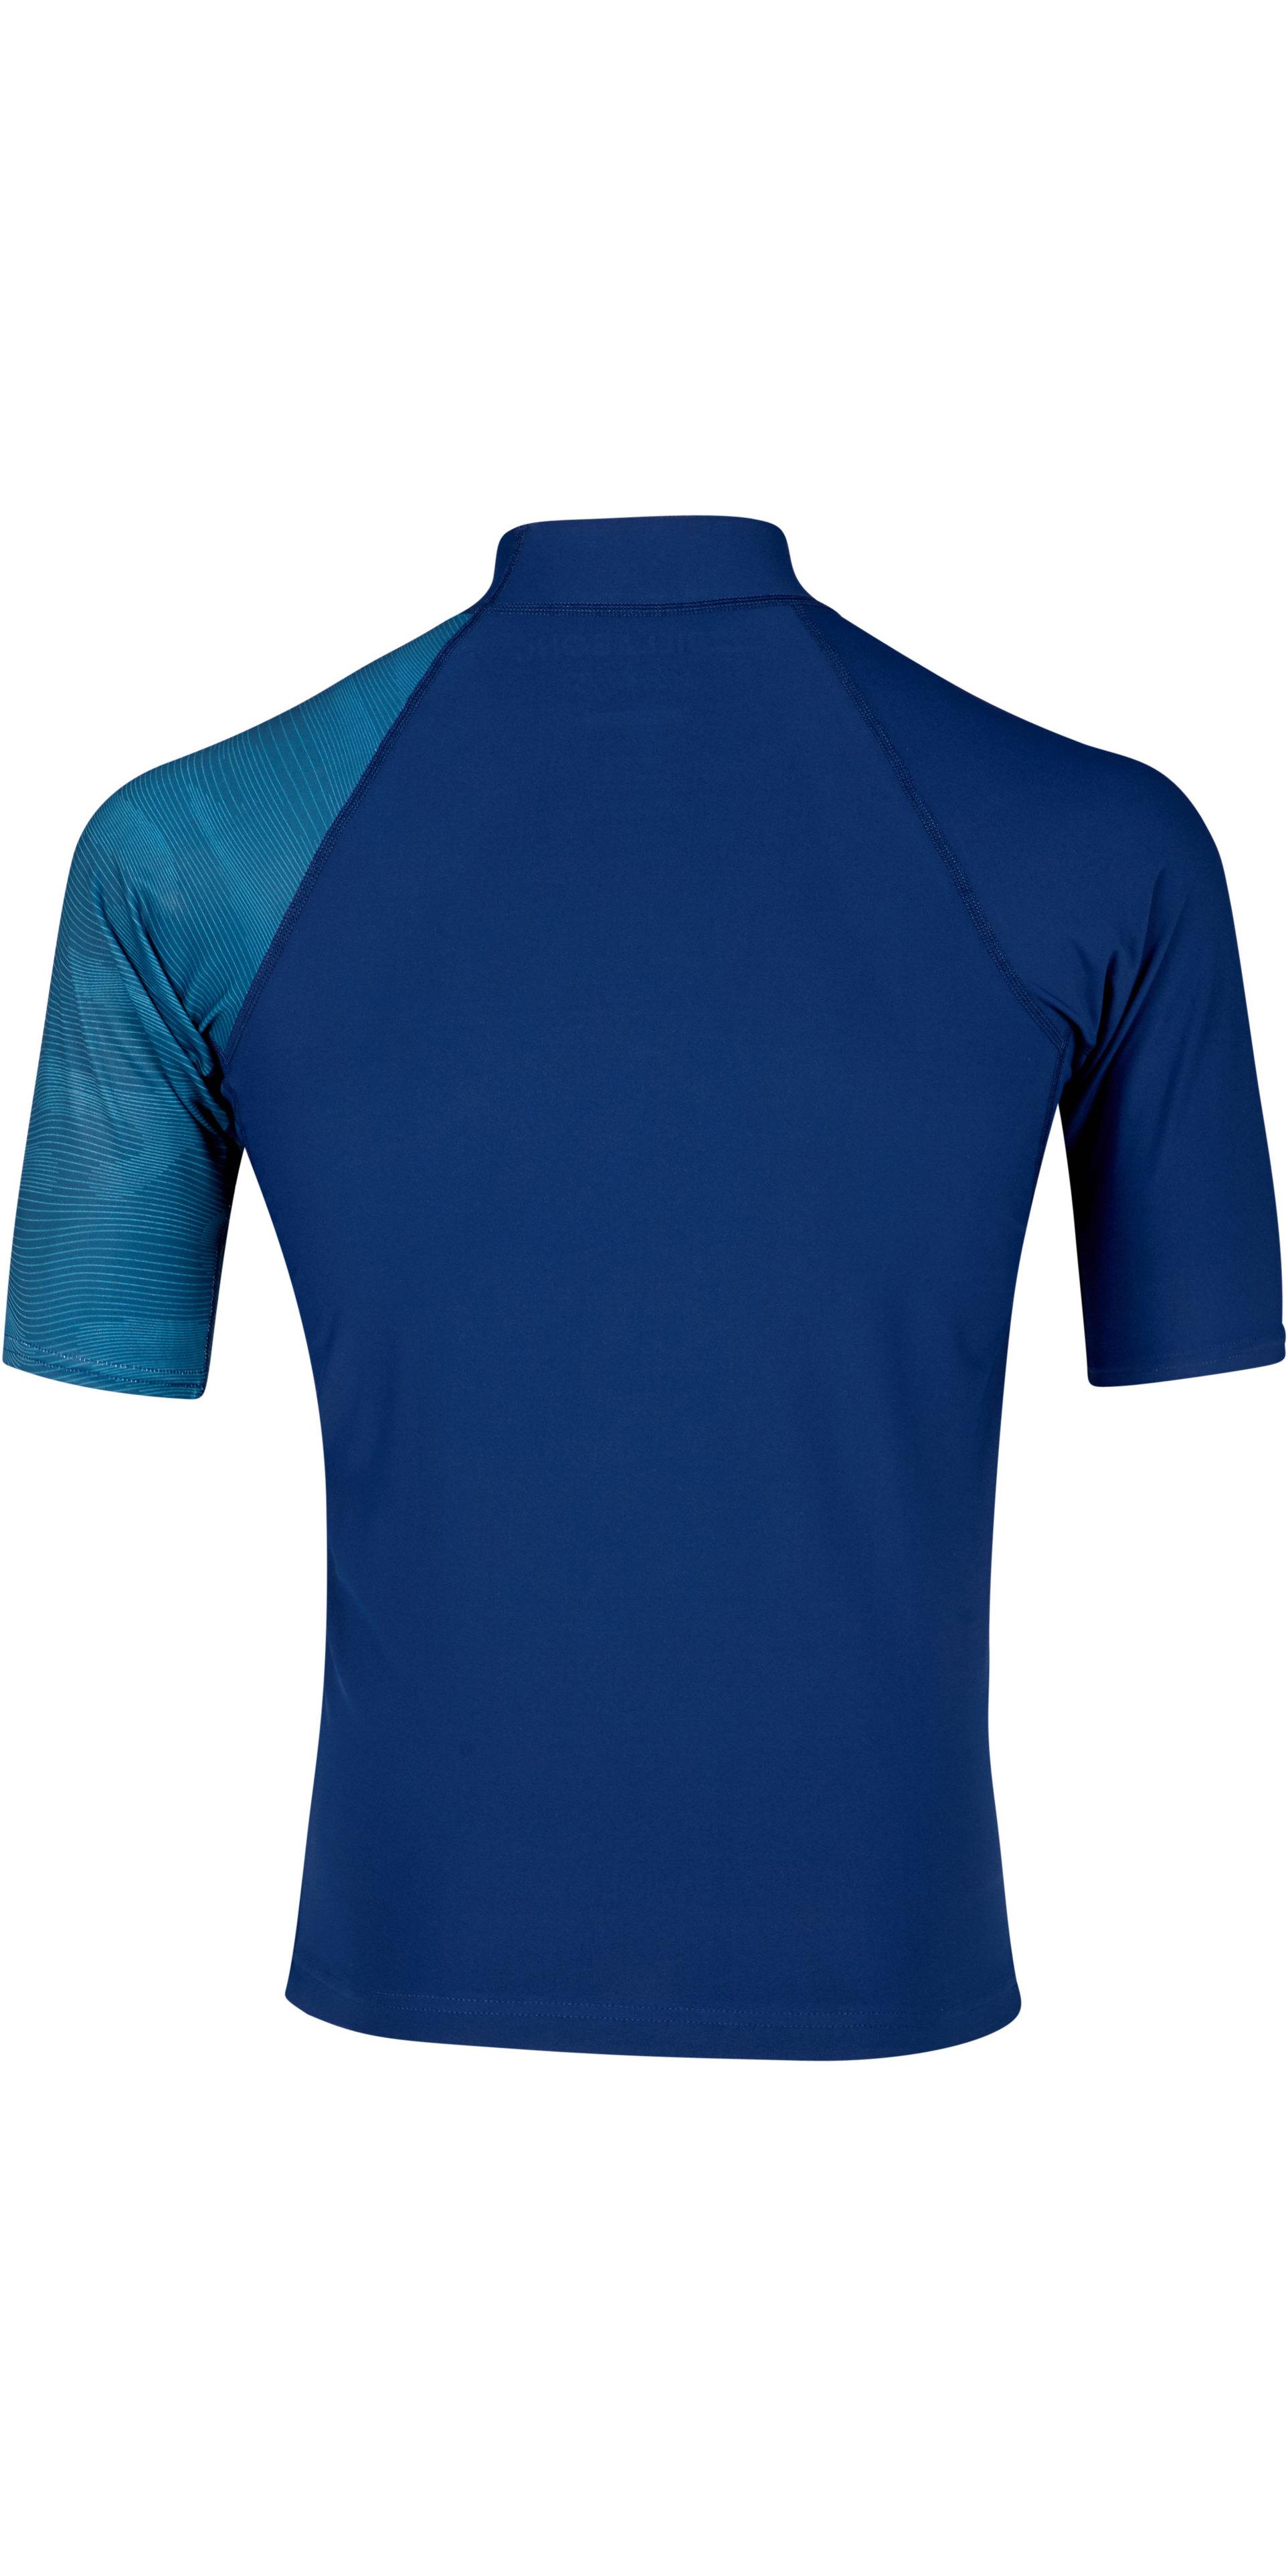 2019 Billabong Mens Contrast Short Sleeve Printed Rash Vest Navy N4MY05